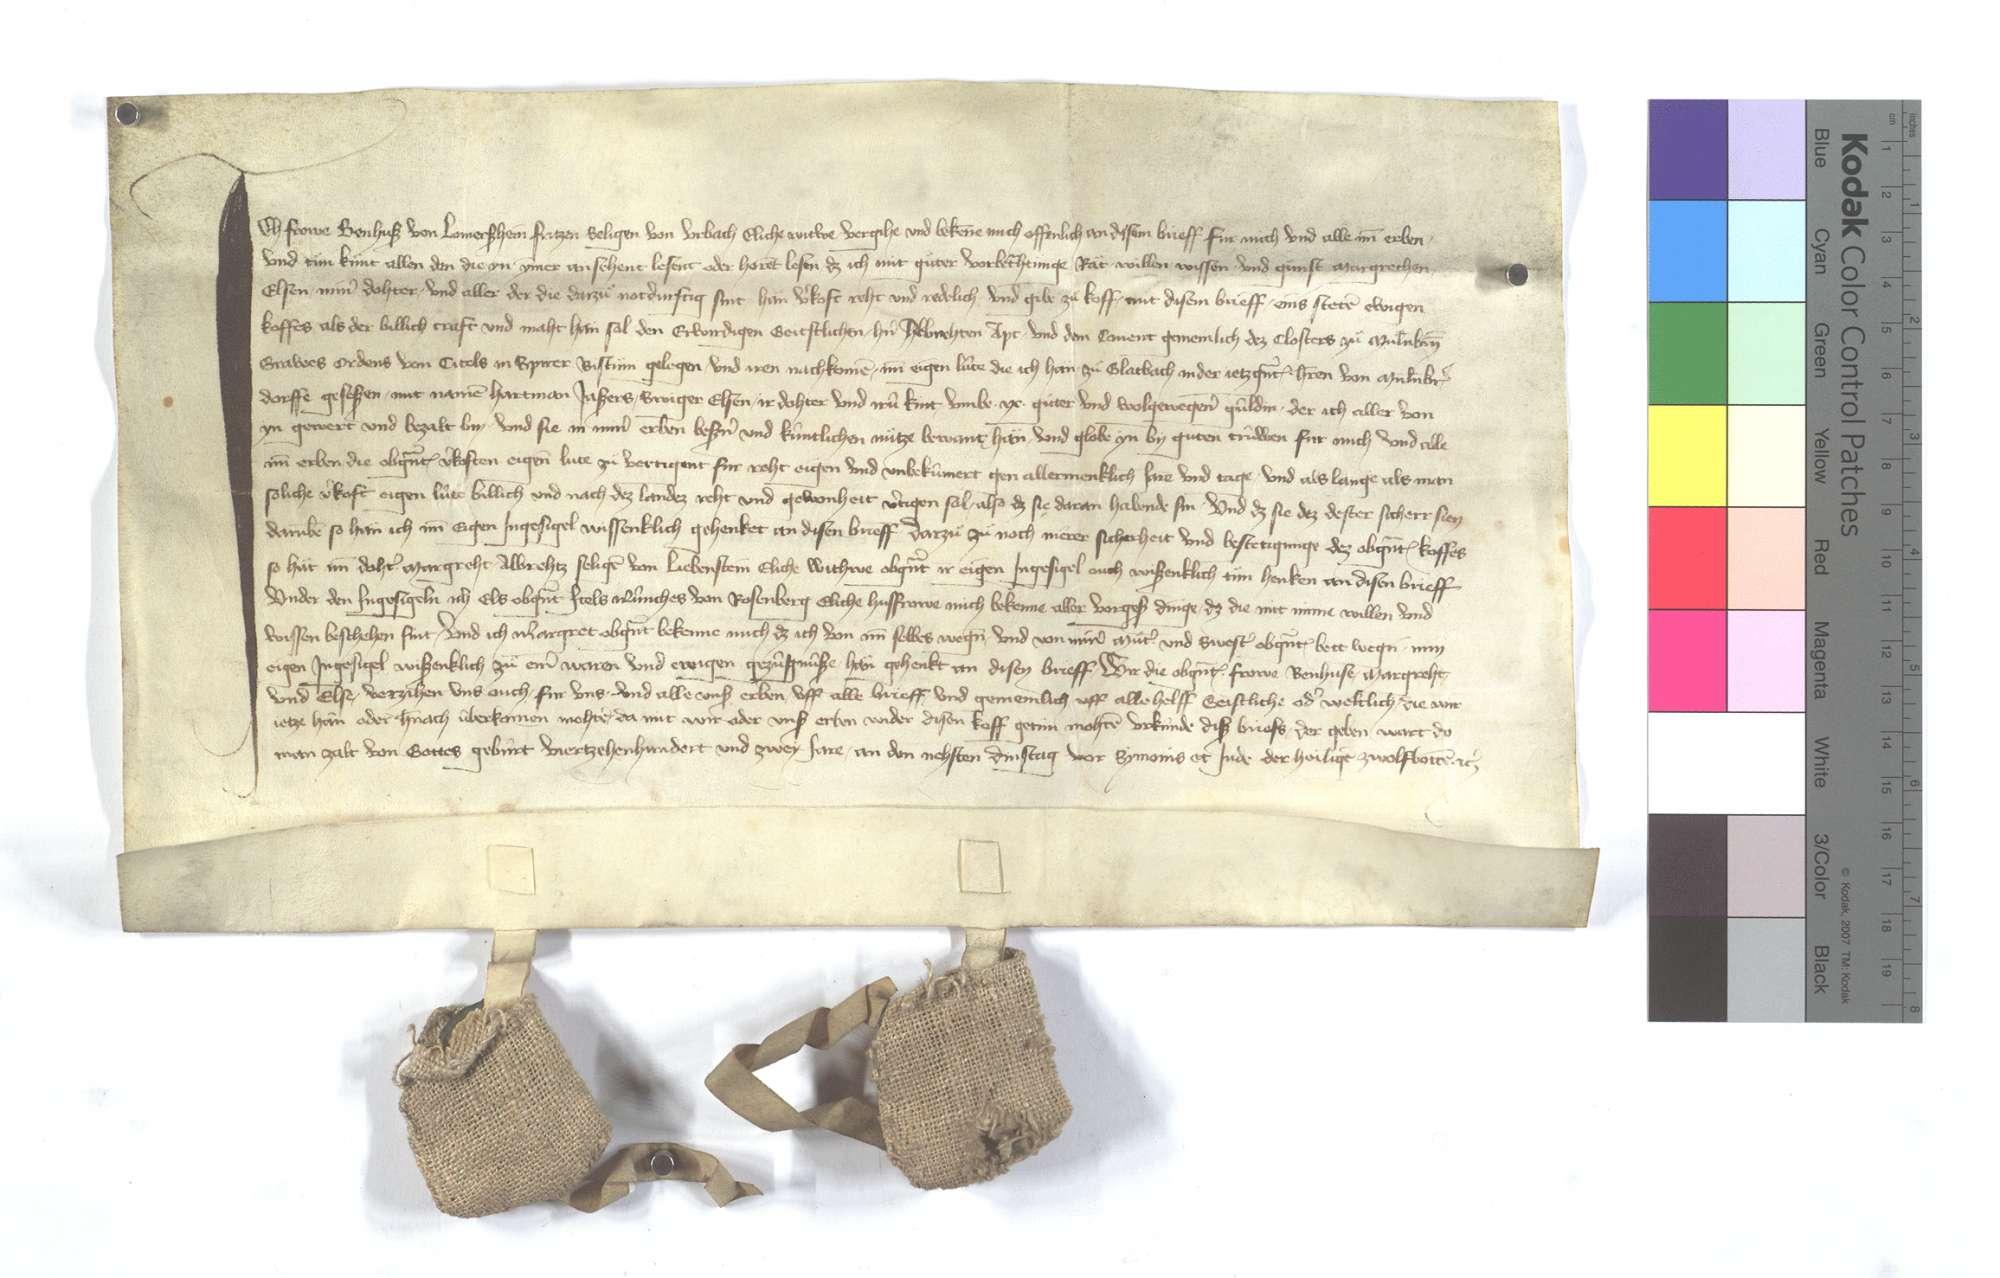 Benhuse von Lomersheim, die Witwe des Fritz von Urbach, verkauft dem Kloster Maulbronn ihre Eigenleute in Glattbach (Glatbach)., Text